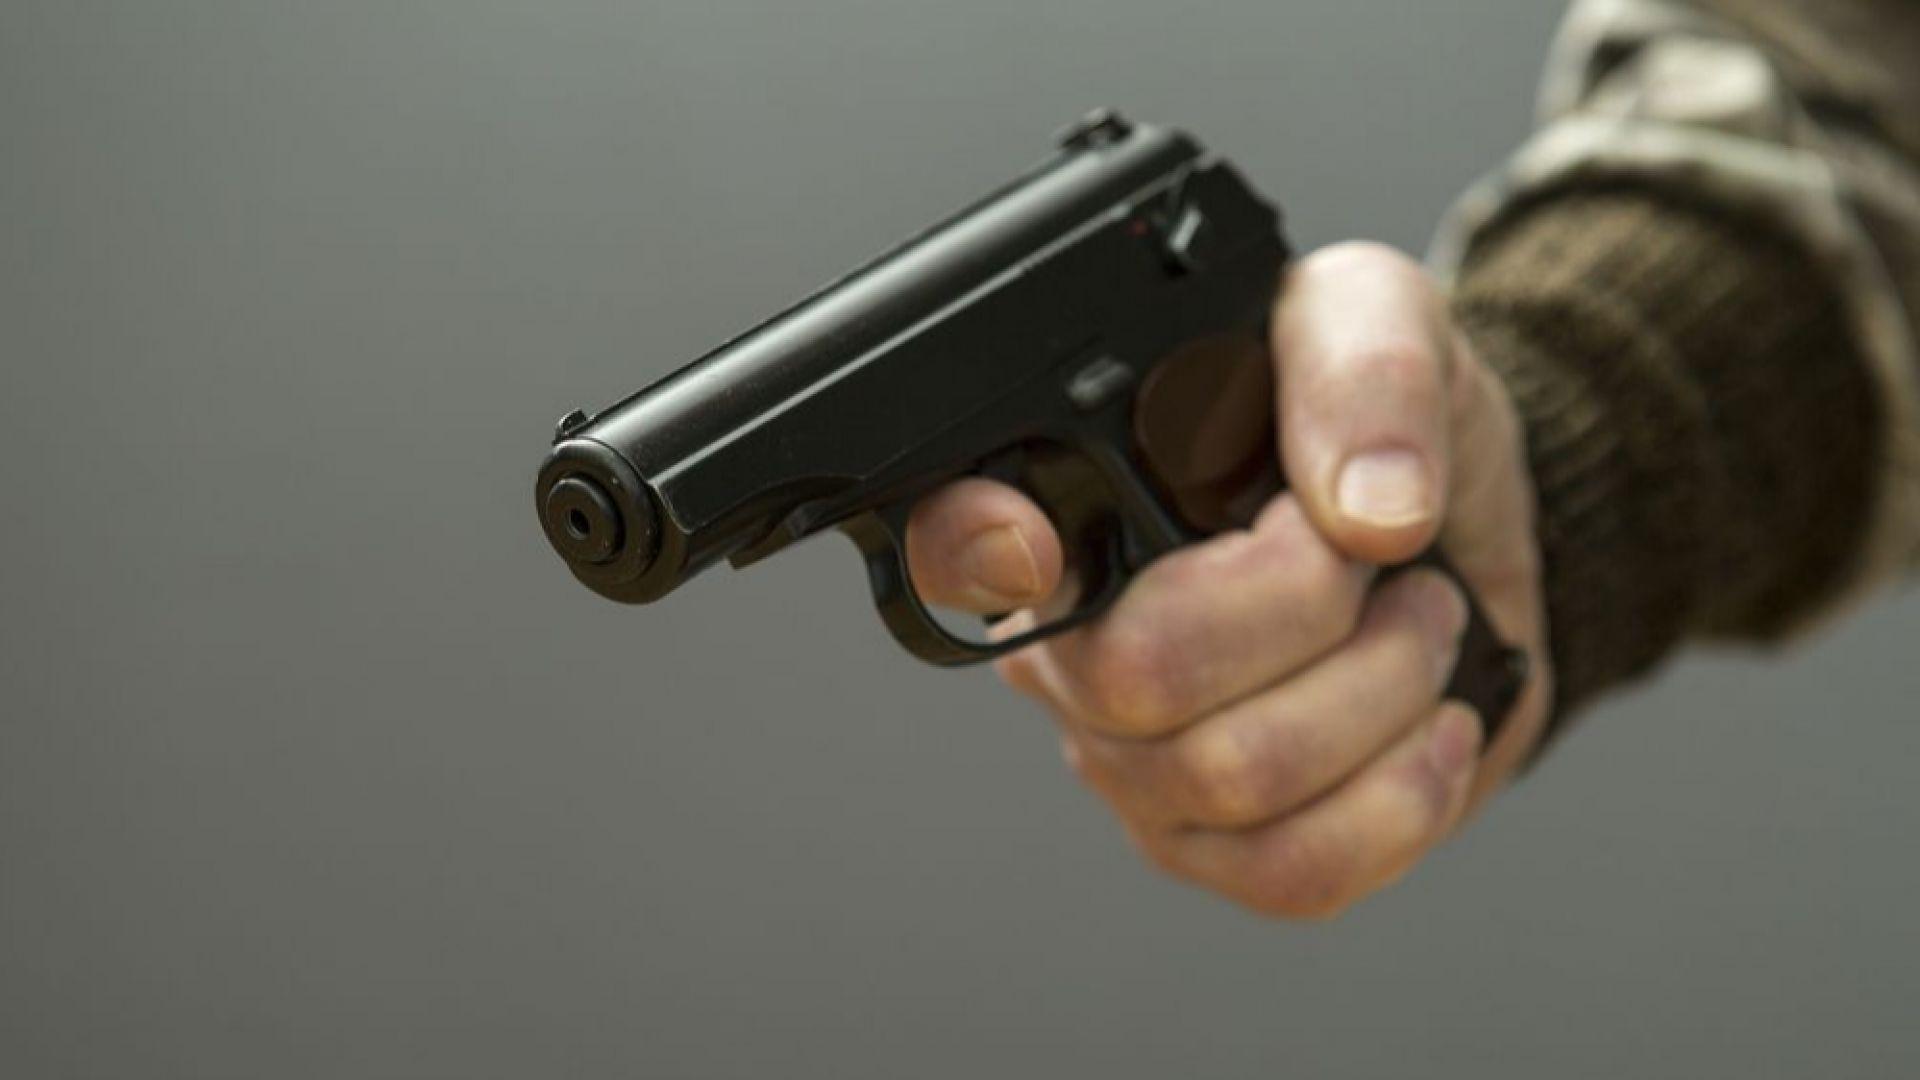 Българин е задържан за разстрела на бизнесмен в Атина